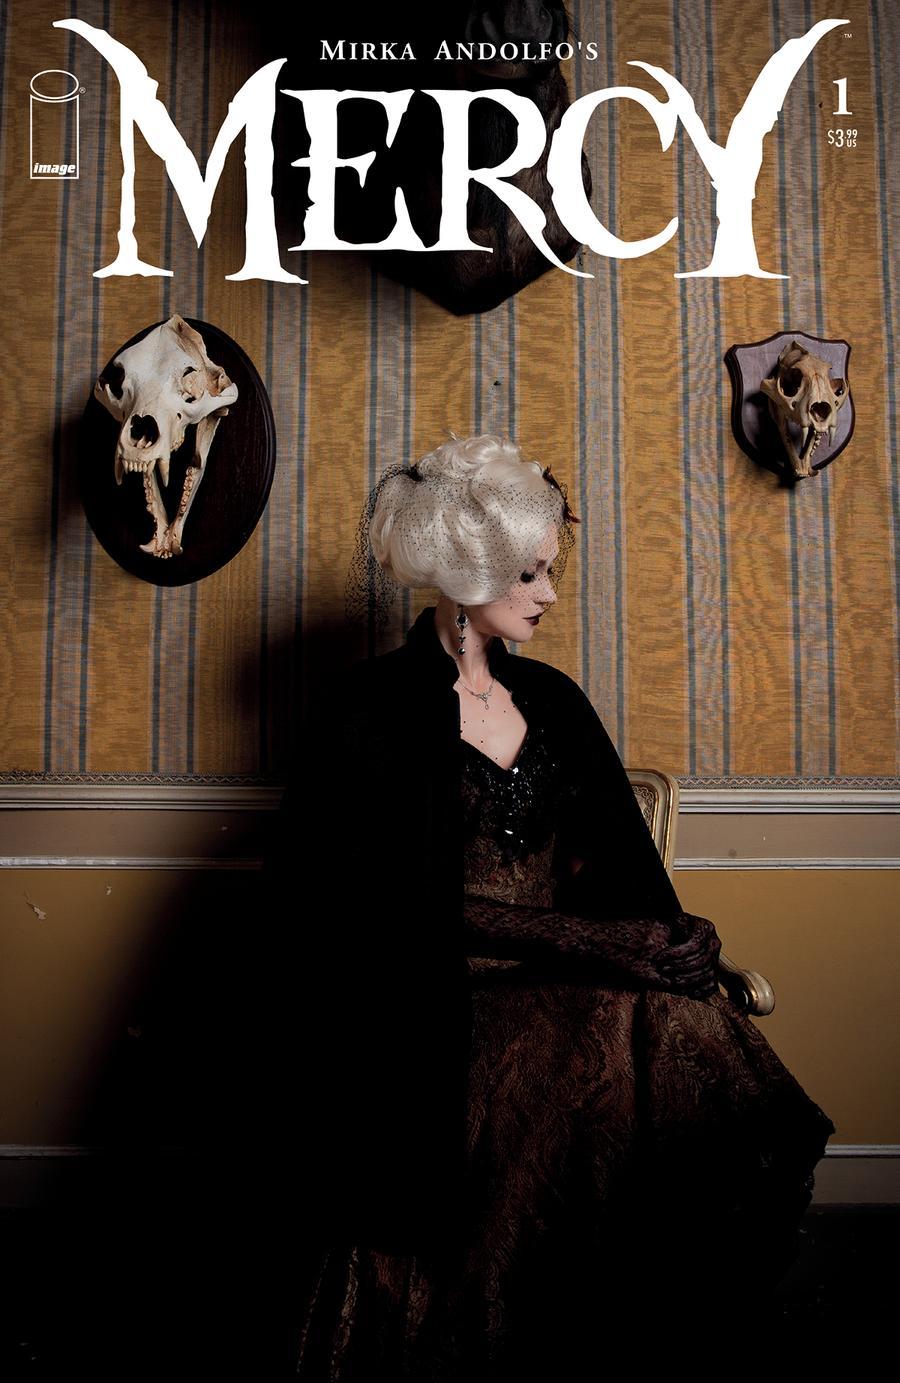 Mirka Andolfos Mercy #1 Cover E Variant Photo Cover